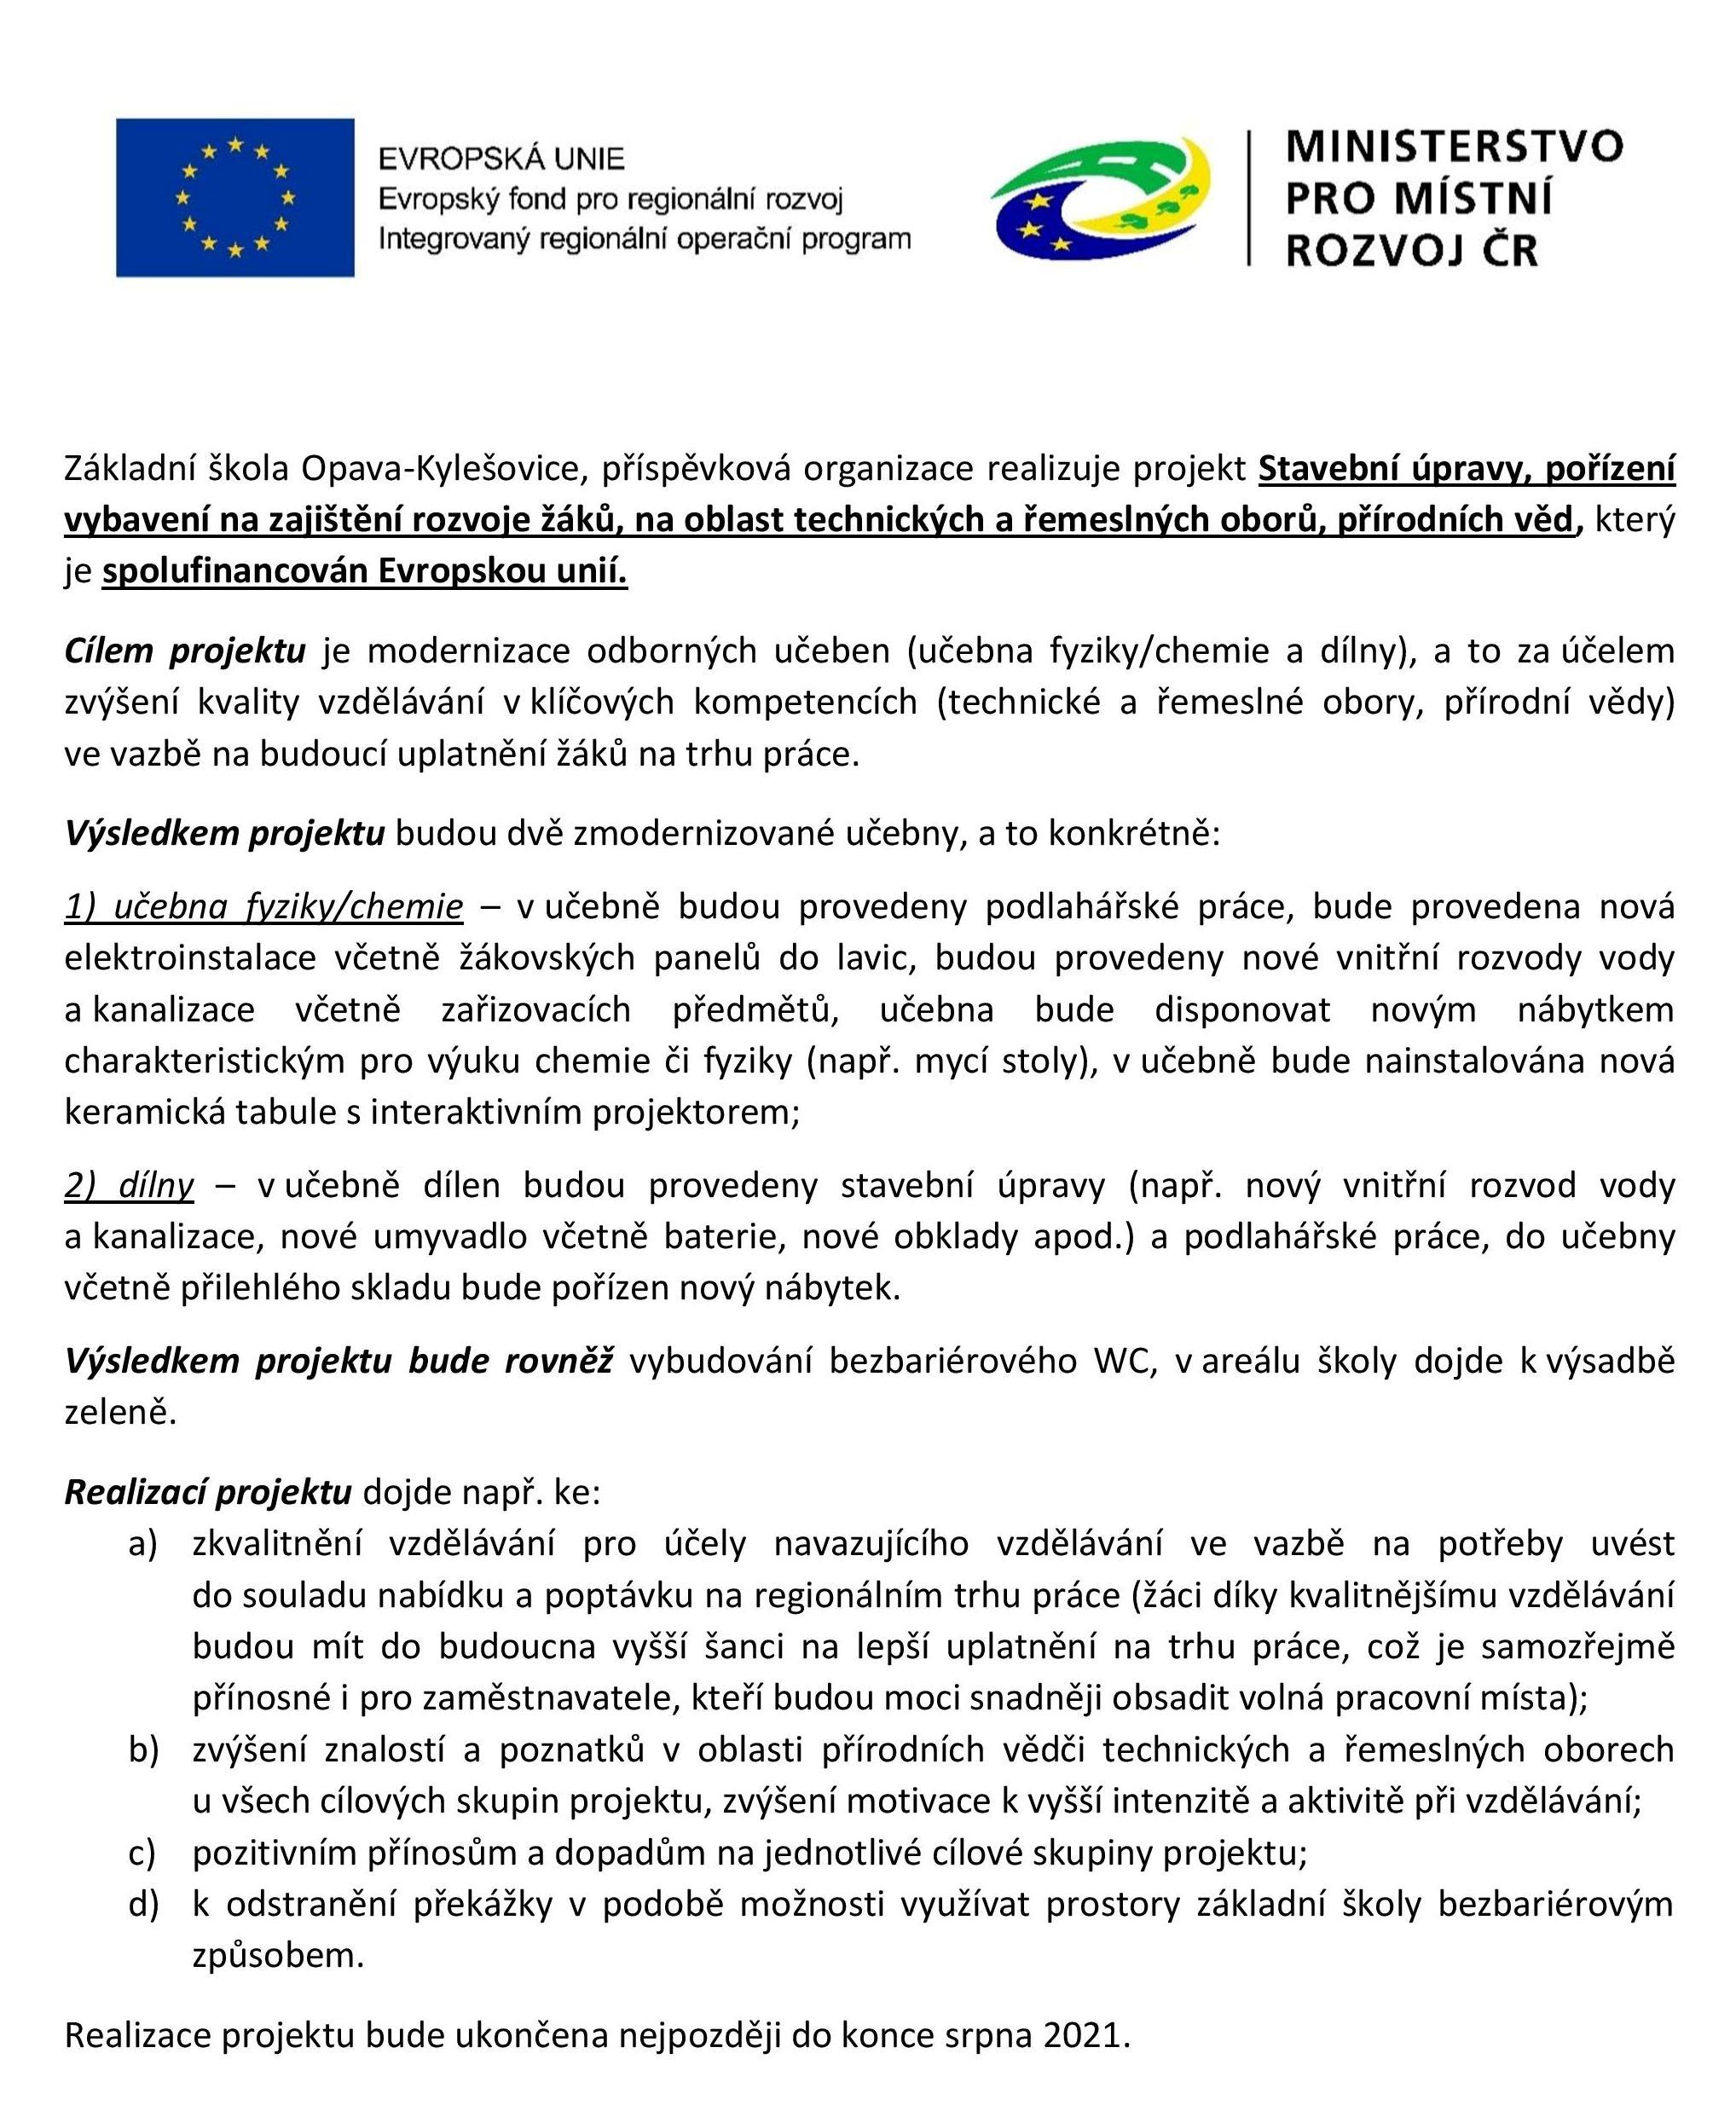 Základní škola Opava-Kylešovice, příspěvková organizace realizuje projekt Stavební úpravy, pořízení vybavení na zajištění rozvoje žáků, na oblast technických a řemeslných oborů, přírodních věd, který je spolufinancován Evropskou unií. Cílem projektu je modernizace odborných učeben (učebna fyziky/chemie a dílny), a to za účelem zvýšení kvality vzdělávání v klíčových kompetencích (technické a řemeslné obory, přírodní vědy) ve vazbě na budoucí uplatnění žáků na trhu práce. Výsledkem projektu budou dvě zmodernizované učebny, a to konkrétně: 1) učebna fyziky/chemie – v učebně budou provedeny podlahářské práce, bude provedena nová elektroinstalace včetně žákovských panelů do lavic, budou provedeny nové vnitřní rozvody vody a kanalizace včetně zařizovacích předmětů, učebna bude disponovat novým nábytkem charakteristickým pro výuku chemie či fyziky (např. mycí stoly), v učebně bude nainstalována nová keramická tabule s interaktivním projektorem; 2) dílny – v učebně dílen budou provedeny stavební úpravy (např. nový vnitřní rozvod vody a kanalizace, nové umyvadlo včetně baterie, nové obklady apod.) a podlahářské práce, do učebny včetně přilehlého skladu bude pořízen nový nábytek. Výsledkem projektu bude rovněž vybudování bezbariérového WC, v areálu školy dojde k výsadbě zeleně. Realizací projektu dojde např. ke: a)zkvalitnění vzdělávání pro účely navazujícího vzdělávání ve vazbě na potřeby uvést do souladu nabídku a poptávku na regionálním trhu práce (žáci díky kvalitnějšímu vzdělávání budou mít do budoucna vyšší šanci na lepší uplatnění na trhu práce, což je samozřejmě přínosné i pro zaměstnavatele, kteří budou moci snadněji obsadit volná pracovní místa); b)zvýšení znalostí a poznatků v oblasti přírodních vědči technických a řemeslných oborech u všech cílových skupin projektu, zvýšení motivace k vyšší intenzitě a aktivitě při vzdělávání; c)pozitivním přínosům a dopadům na jednotlivé cílové skupiny projektu;  d)k odstranění překážky v podobě možnosti využívat prostory základn